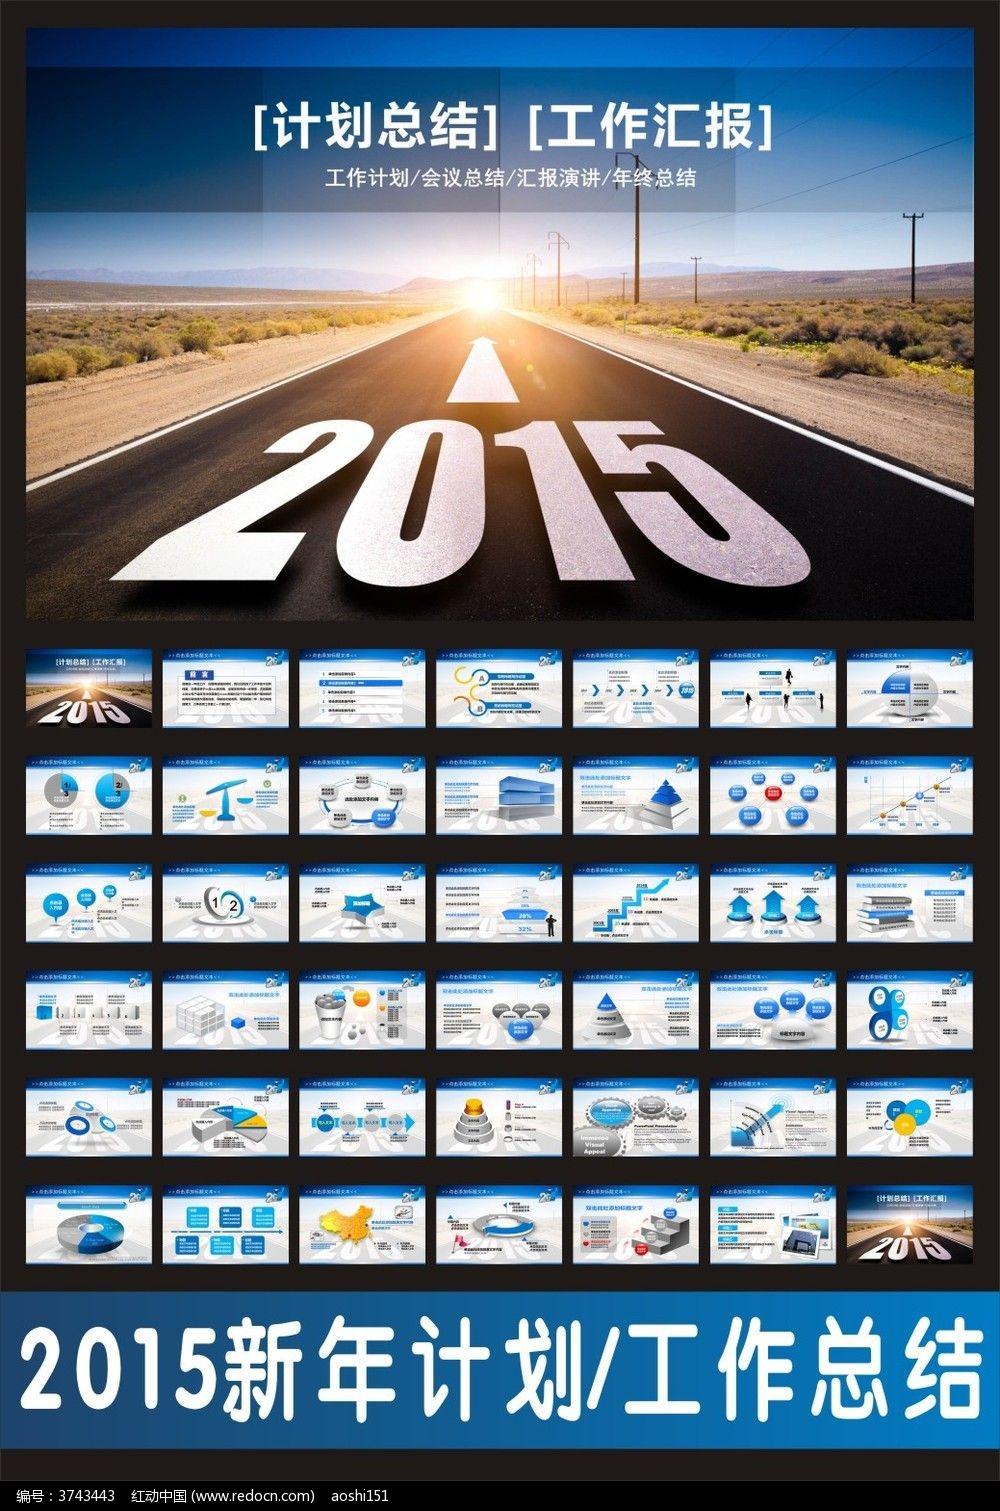 2015年终总结新年计划业绩报告ppt图片下载 2015年 羊年开门红ppt